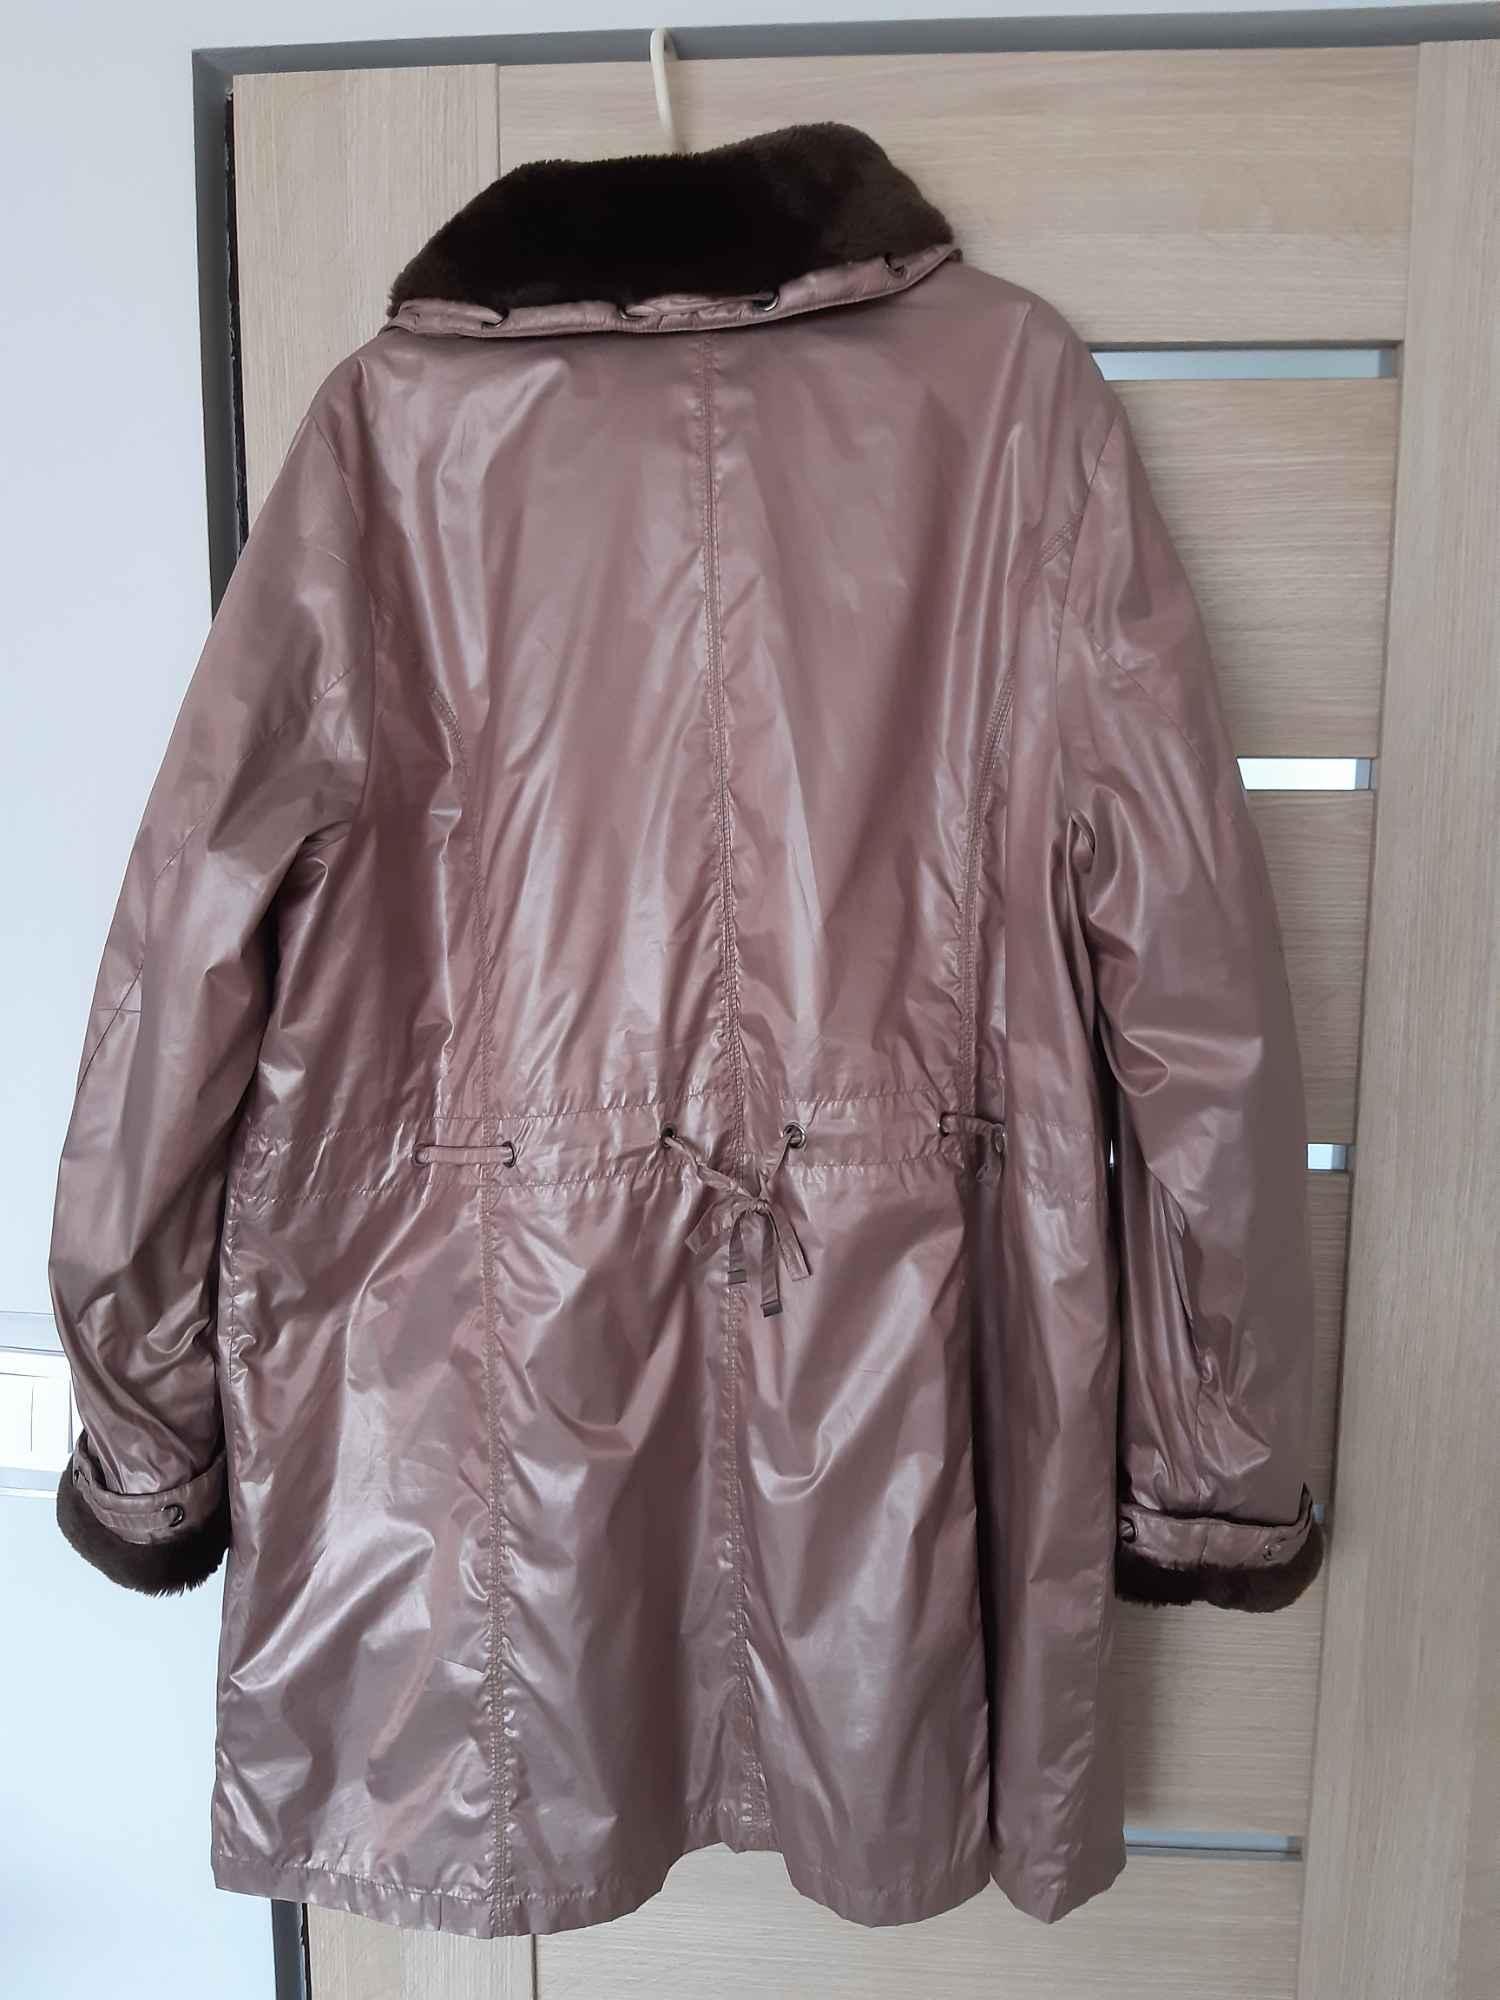 Sprzedam kurtkę zimową duży rozmiar damską Skierniewice - zdjęcie 3